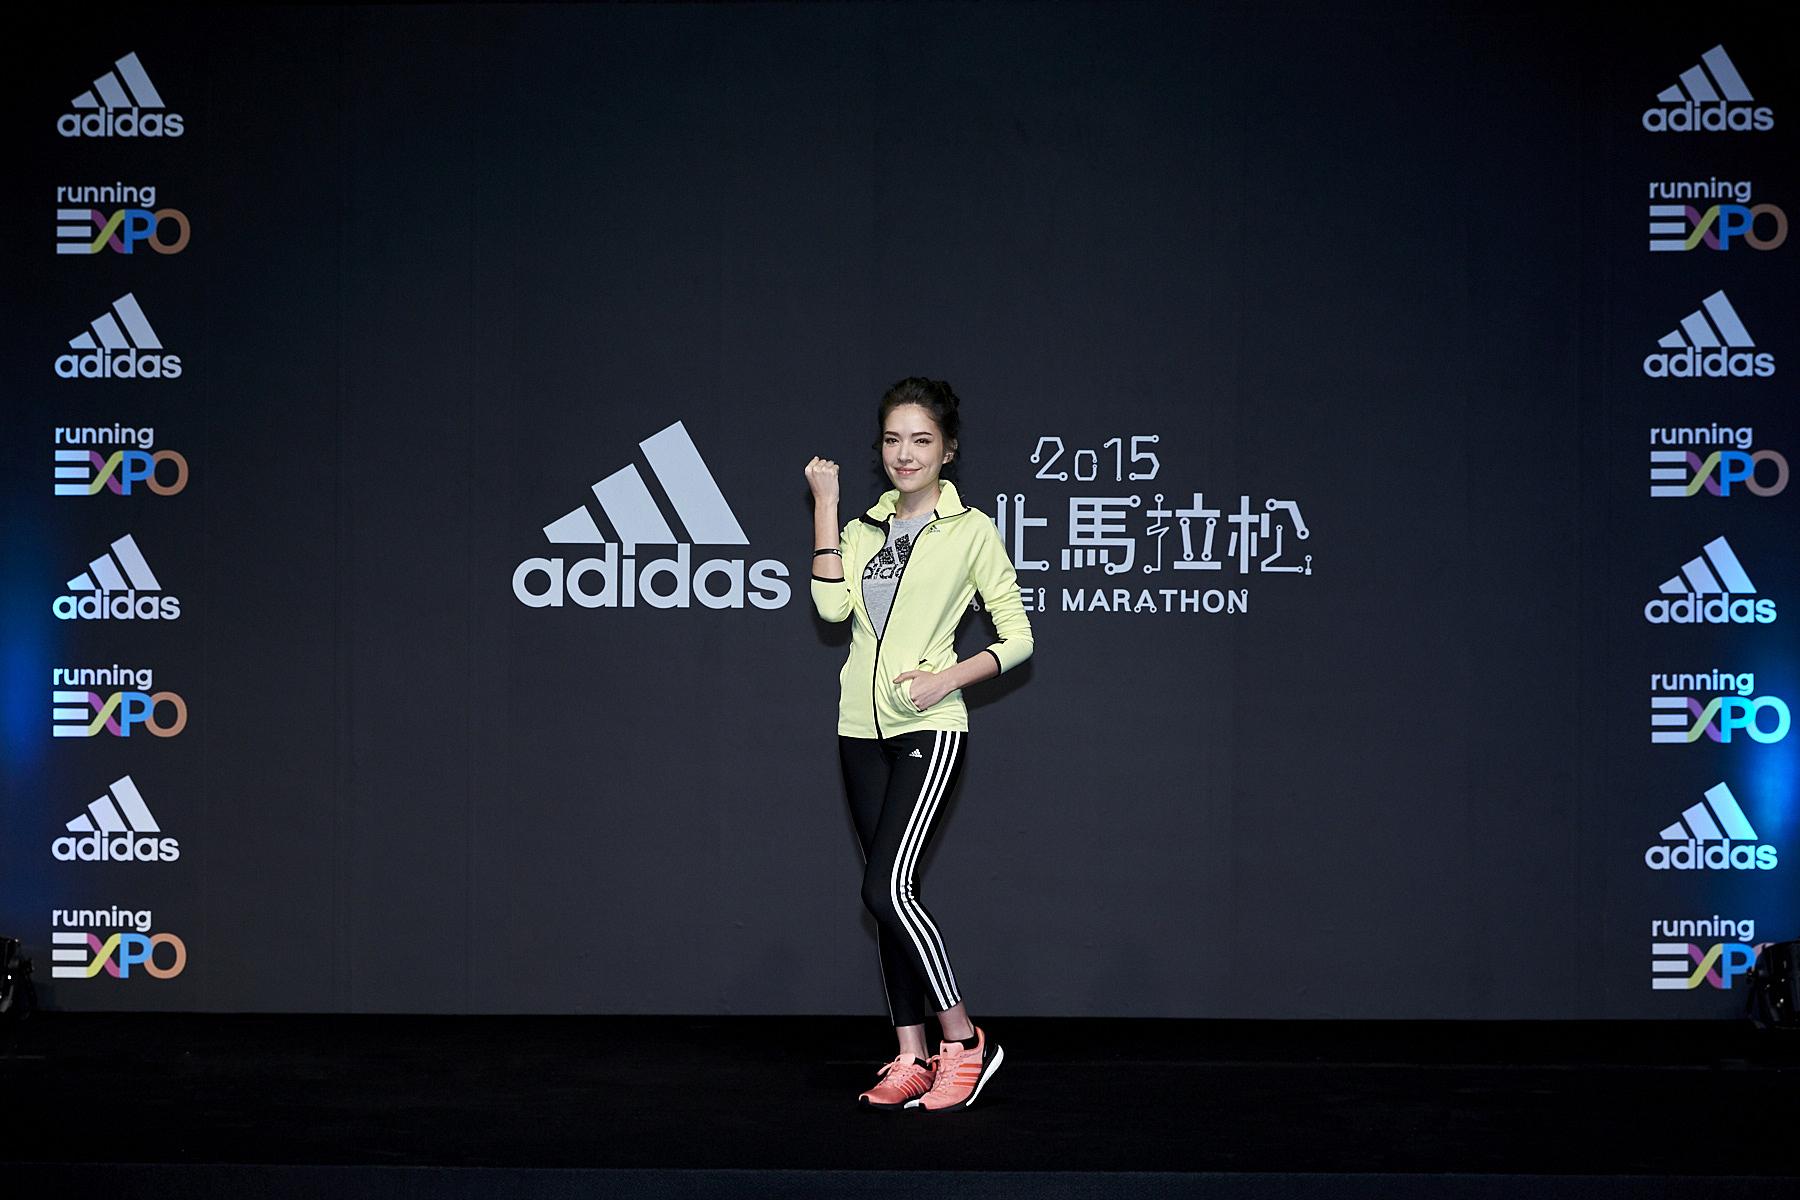 圖二:許瑋甯示範Gym & Run跑步訓練課程,號召跑者前來身體力行「#我是跑者」的精神。(adidas提供)